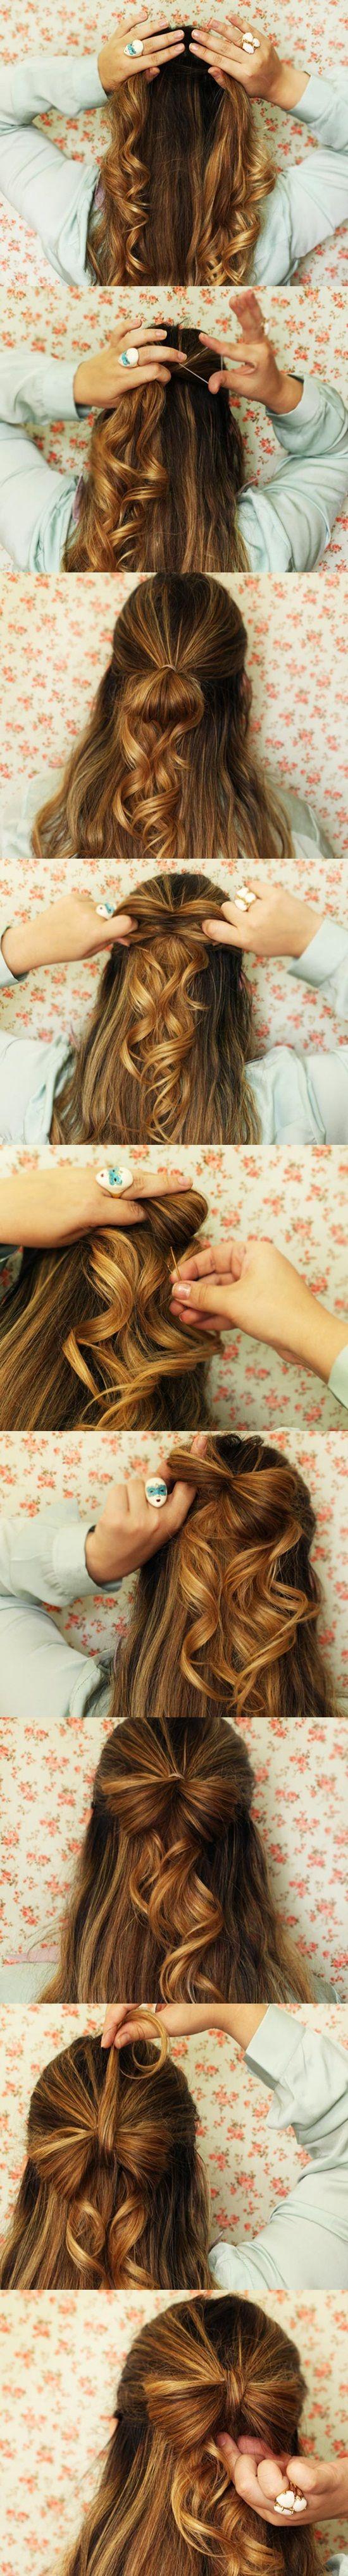 Bisbilhoteiras | Blog | DIY: penteado de laço